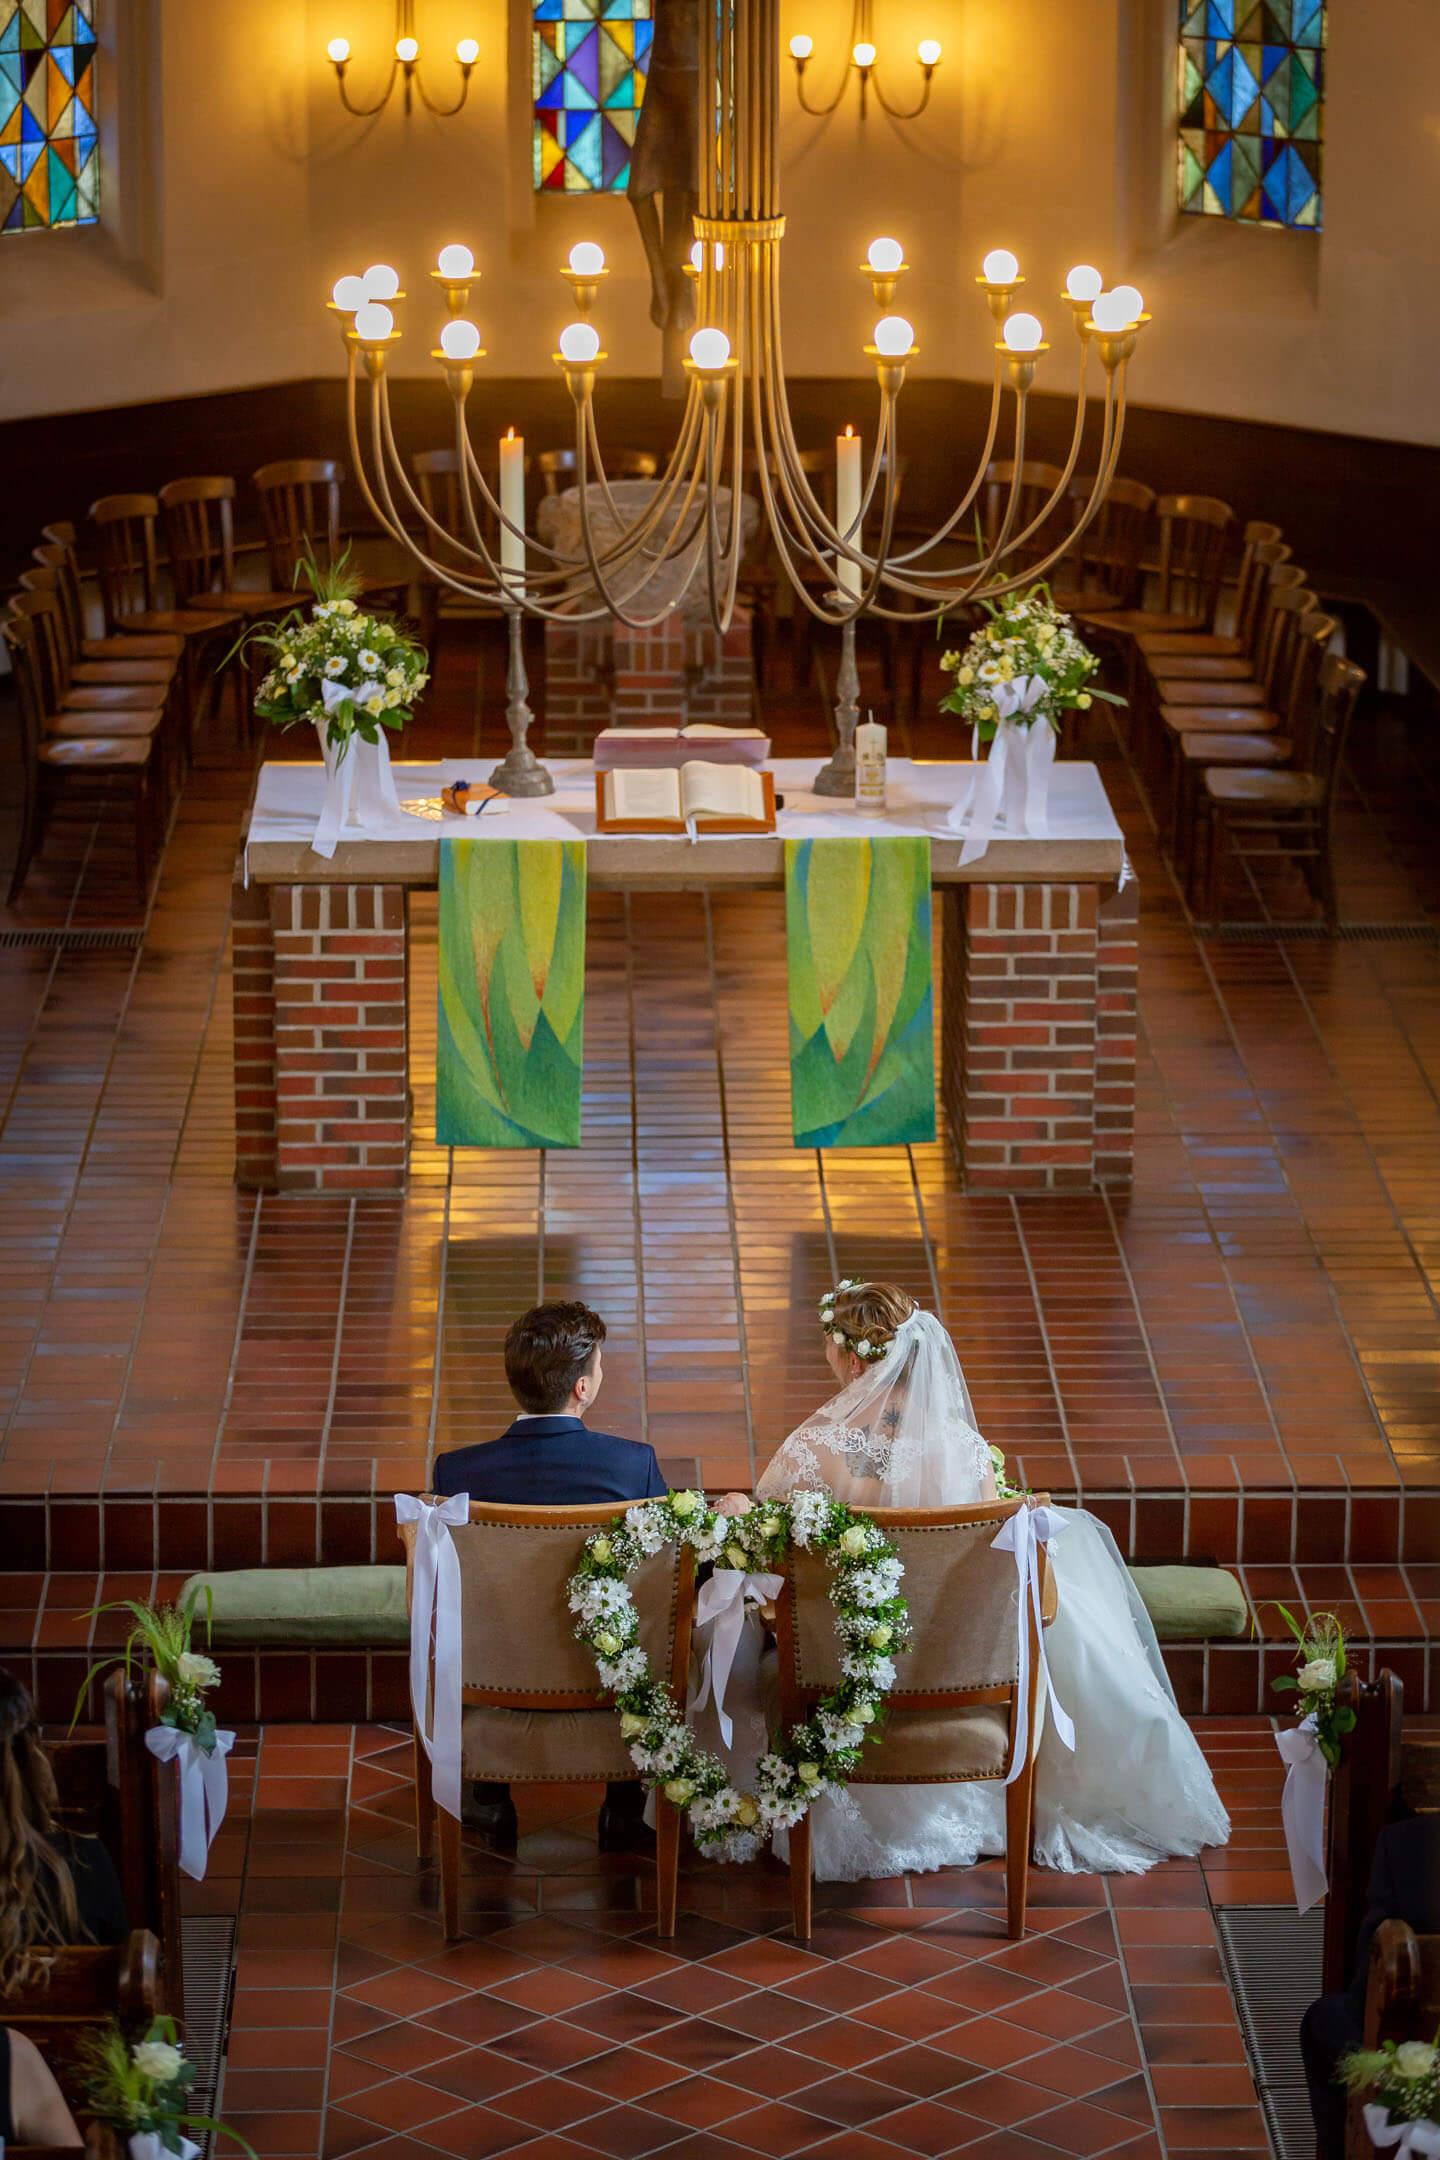 Hier hat der Hochzeitsfotograf von der Ampore das Hochzeitspaar während der Trauung fotografiert